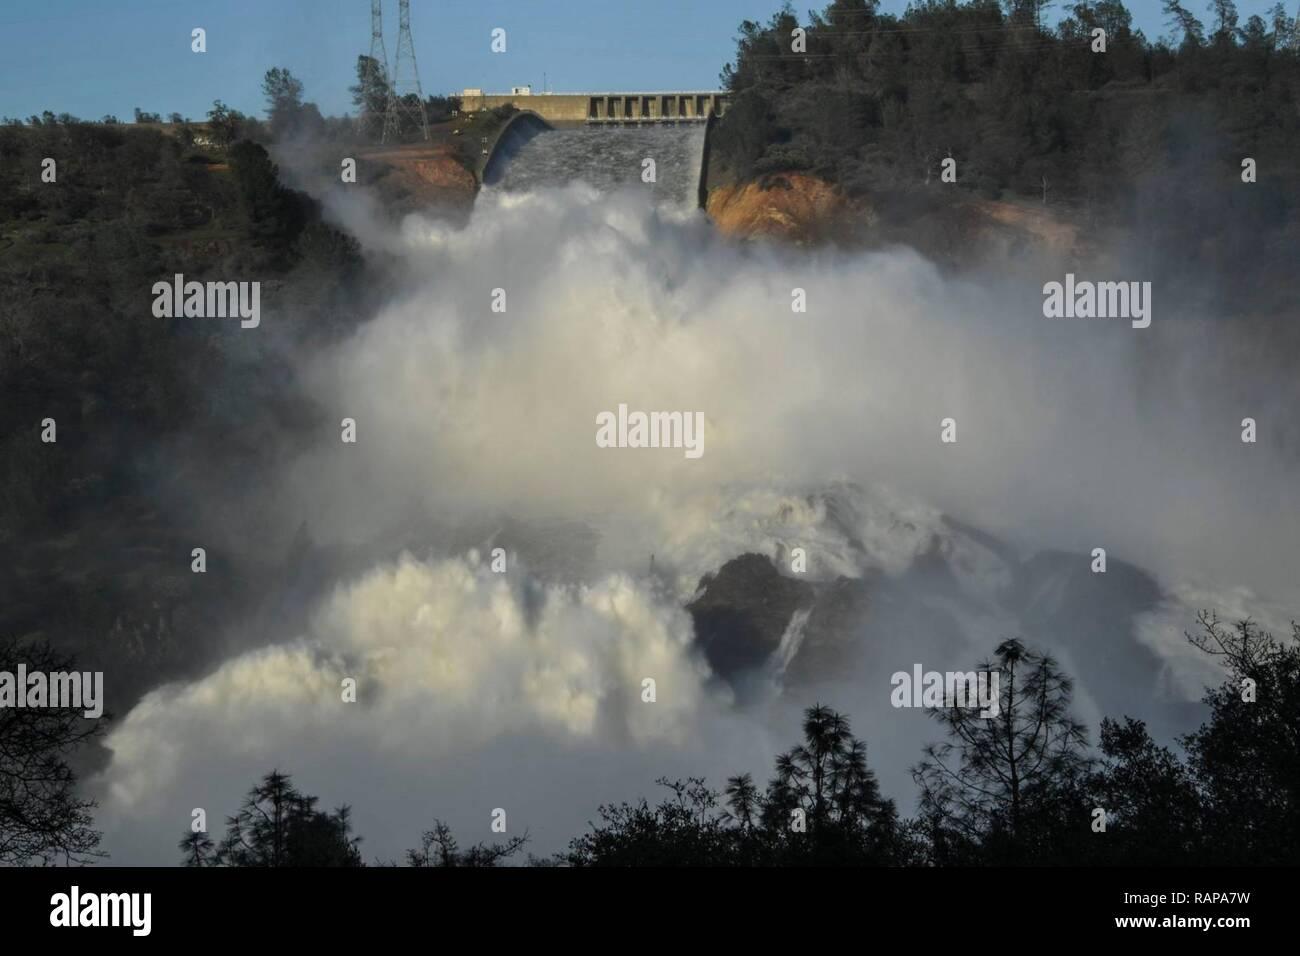 Dam Failure Stock Photos & Dam Failure Stock Images - Alamy